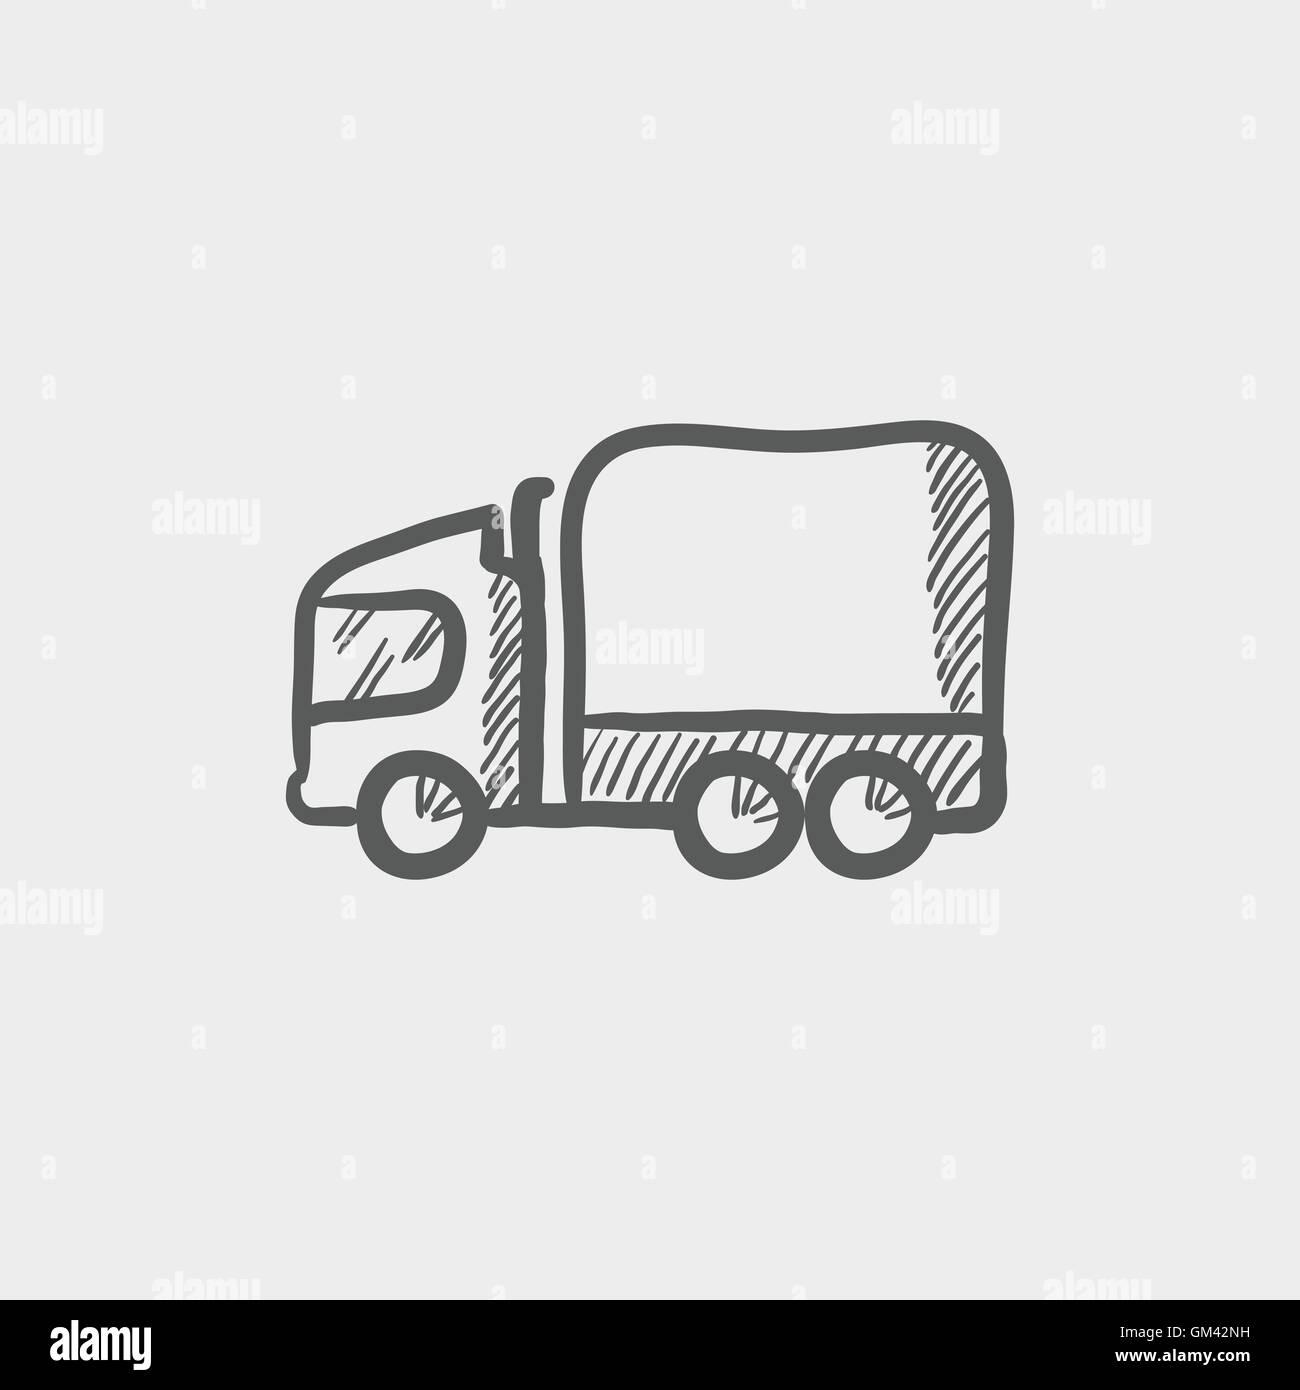 Hand Draw Transportation Van Stockfotos & Hand Draw Transportation ...